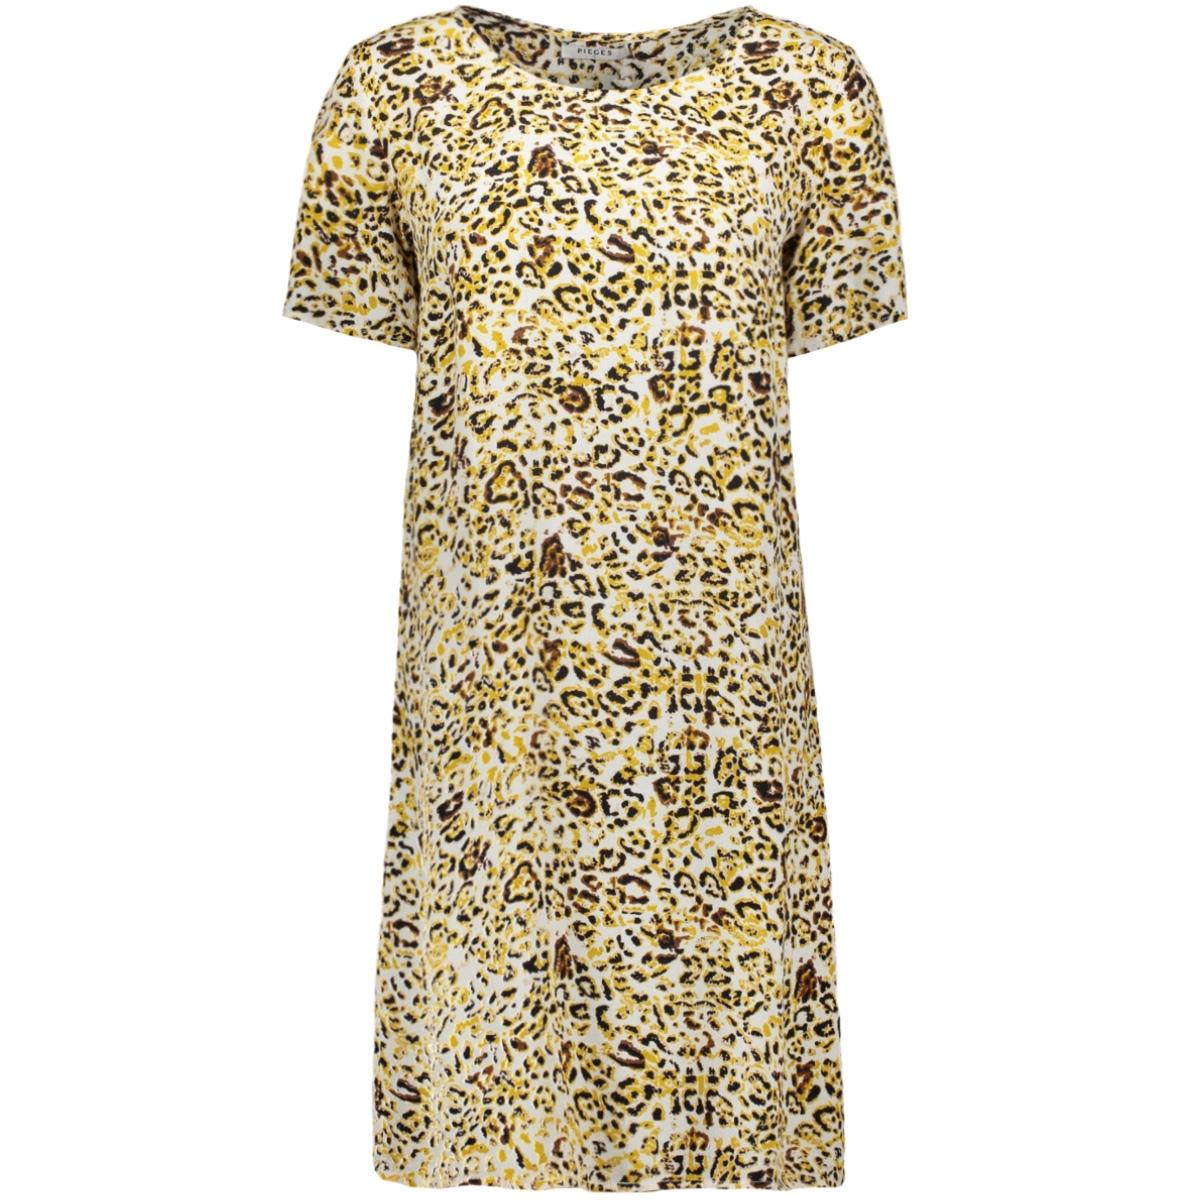 pcsussie ss dress d2d 17101336 pieces jurk bisson/leopard